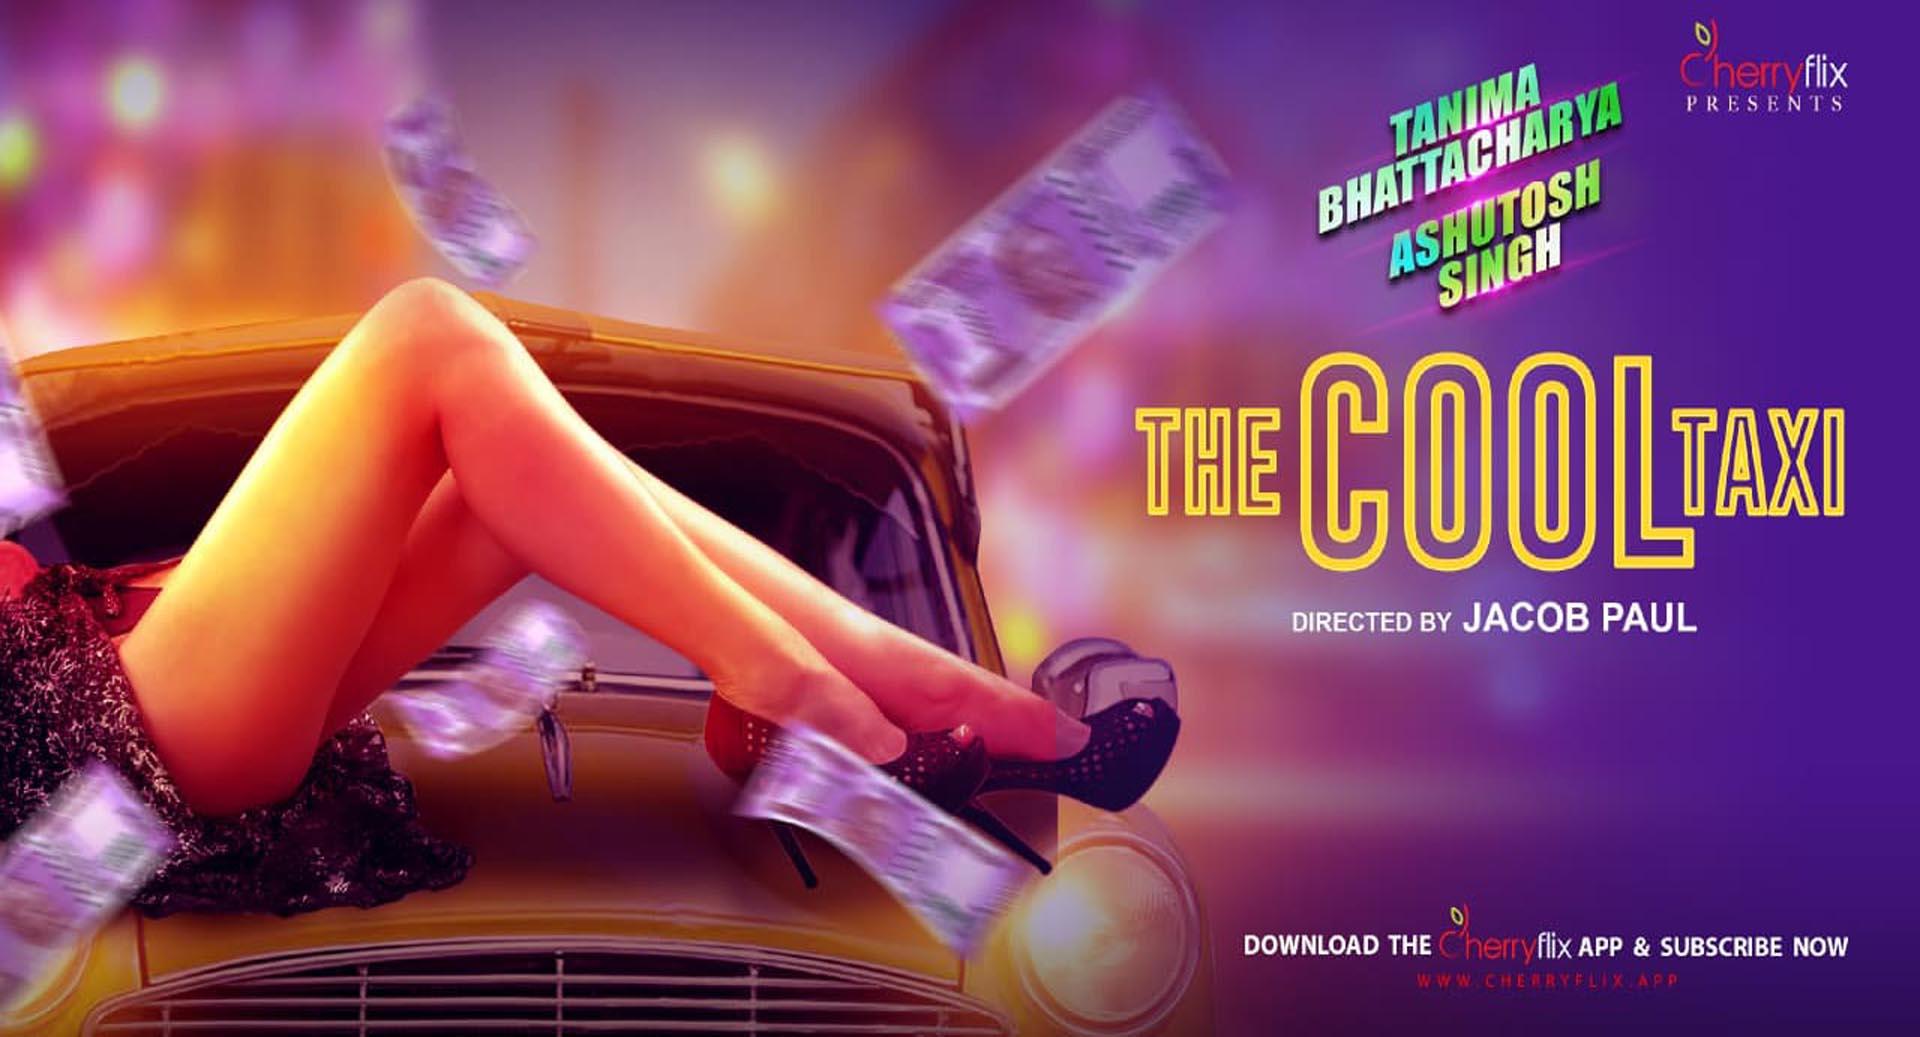 The Cool Taxi (2021) Hindi Hot Short Film – Cherryflix Originals